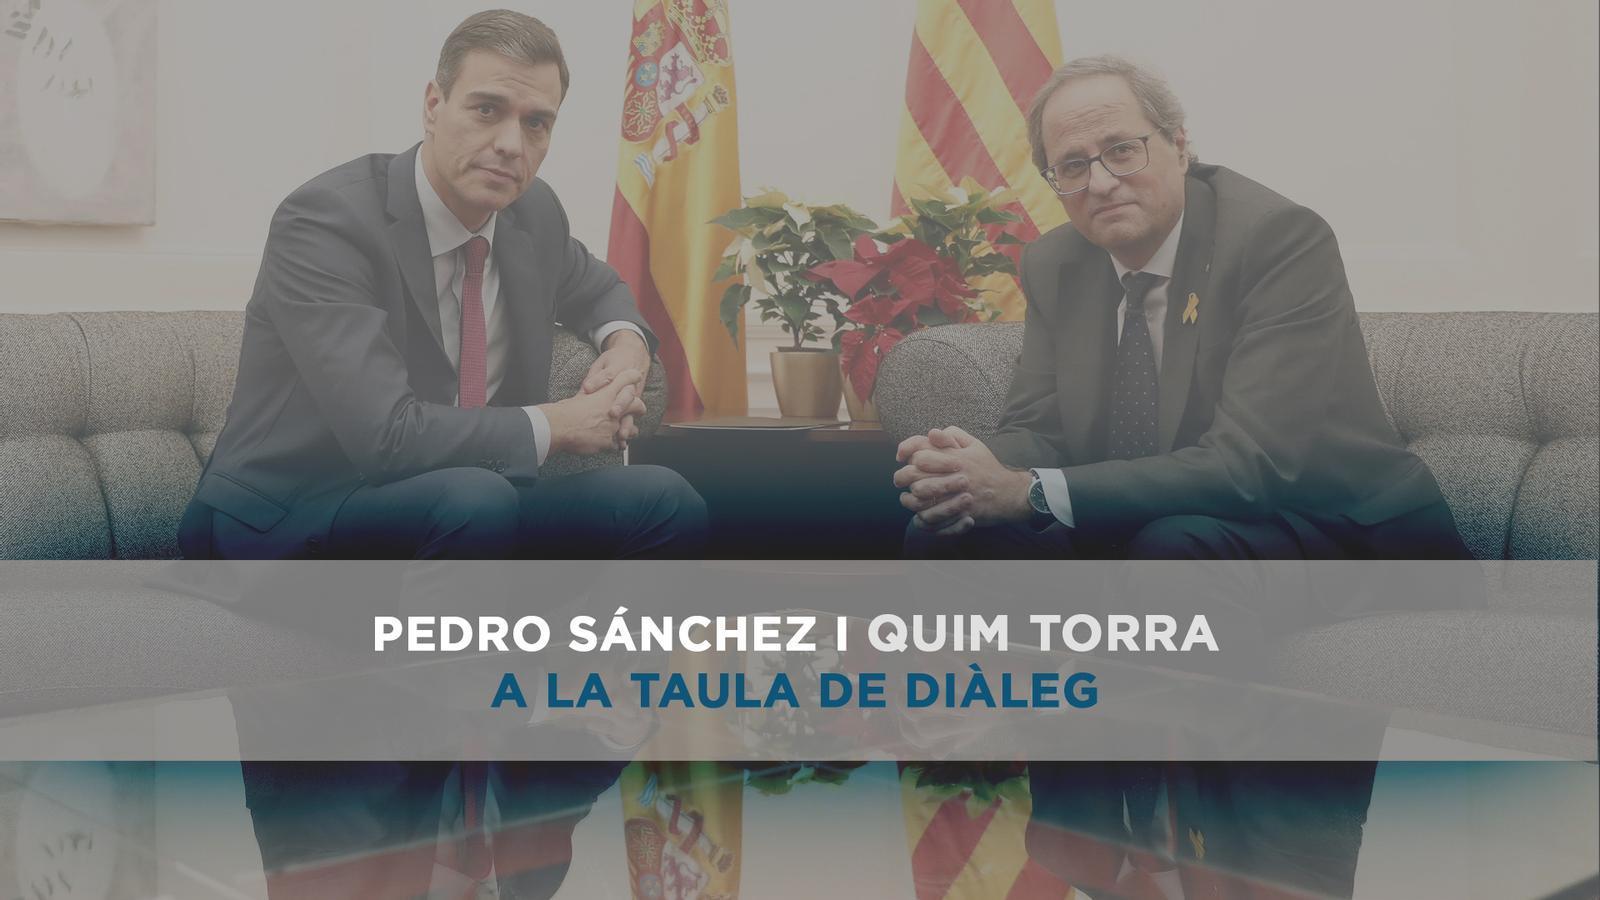 Pedro Sánchez i Quim Torra a la taula de diàleg